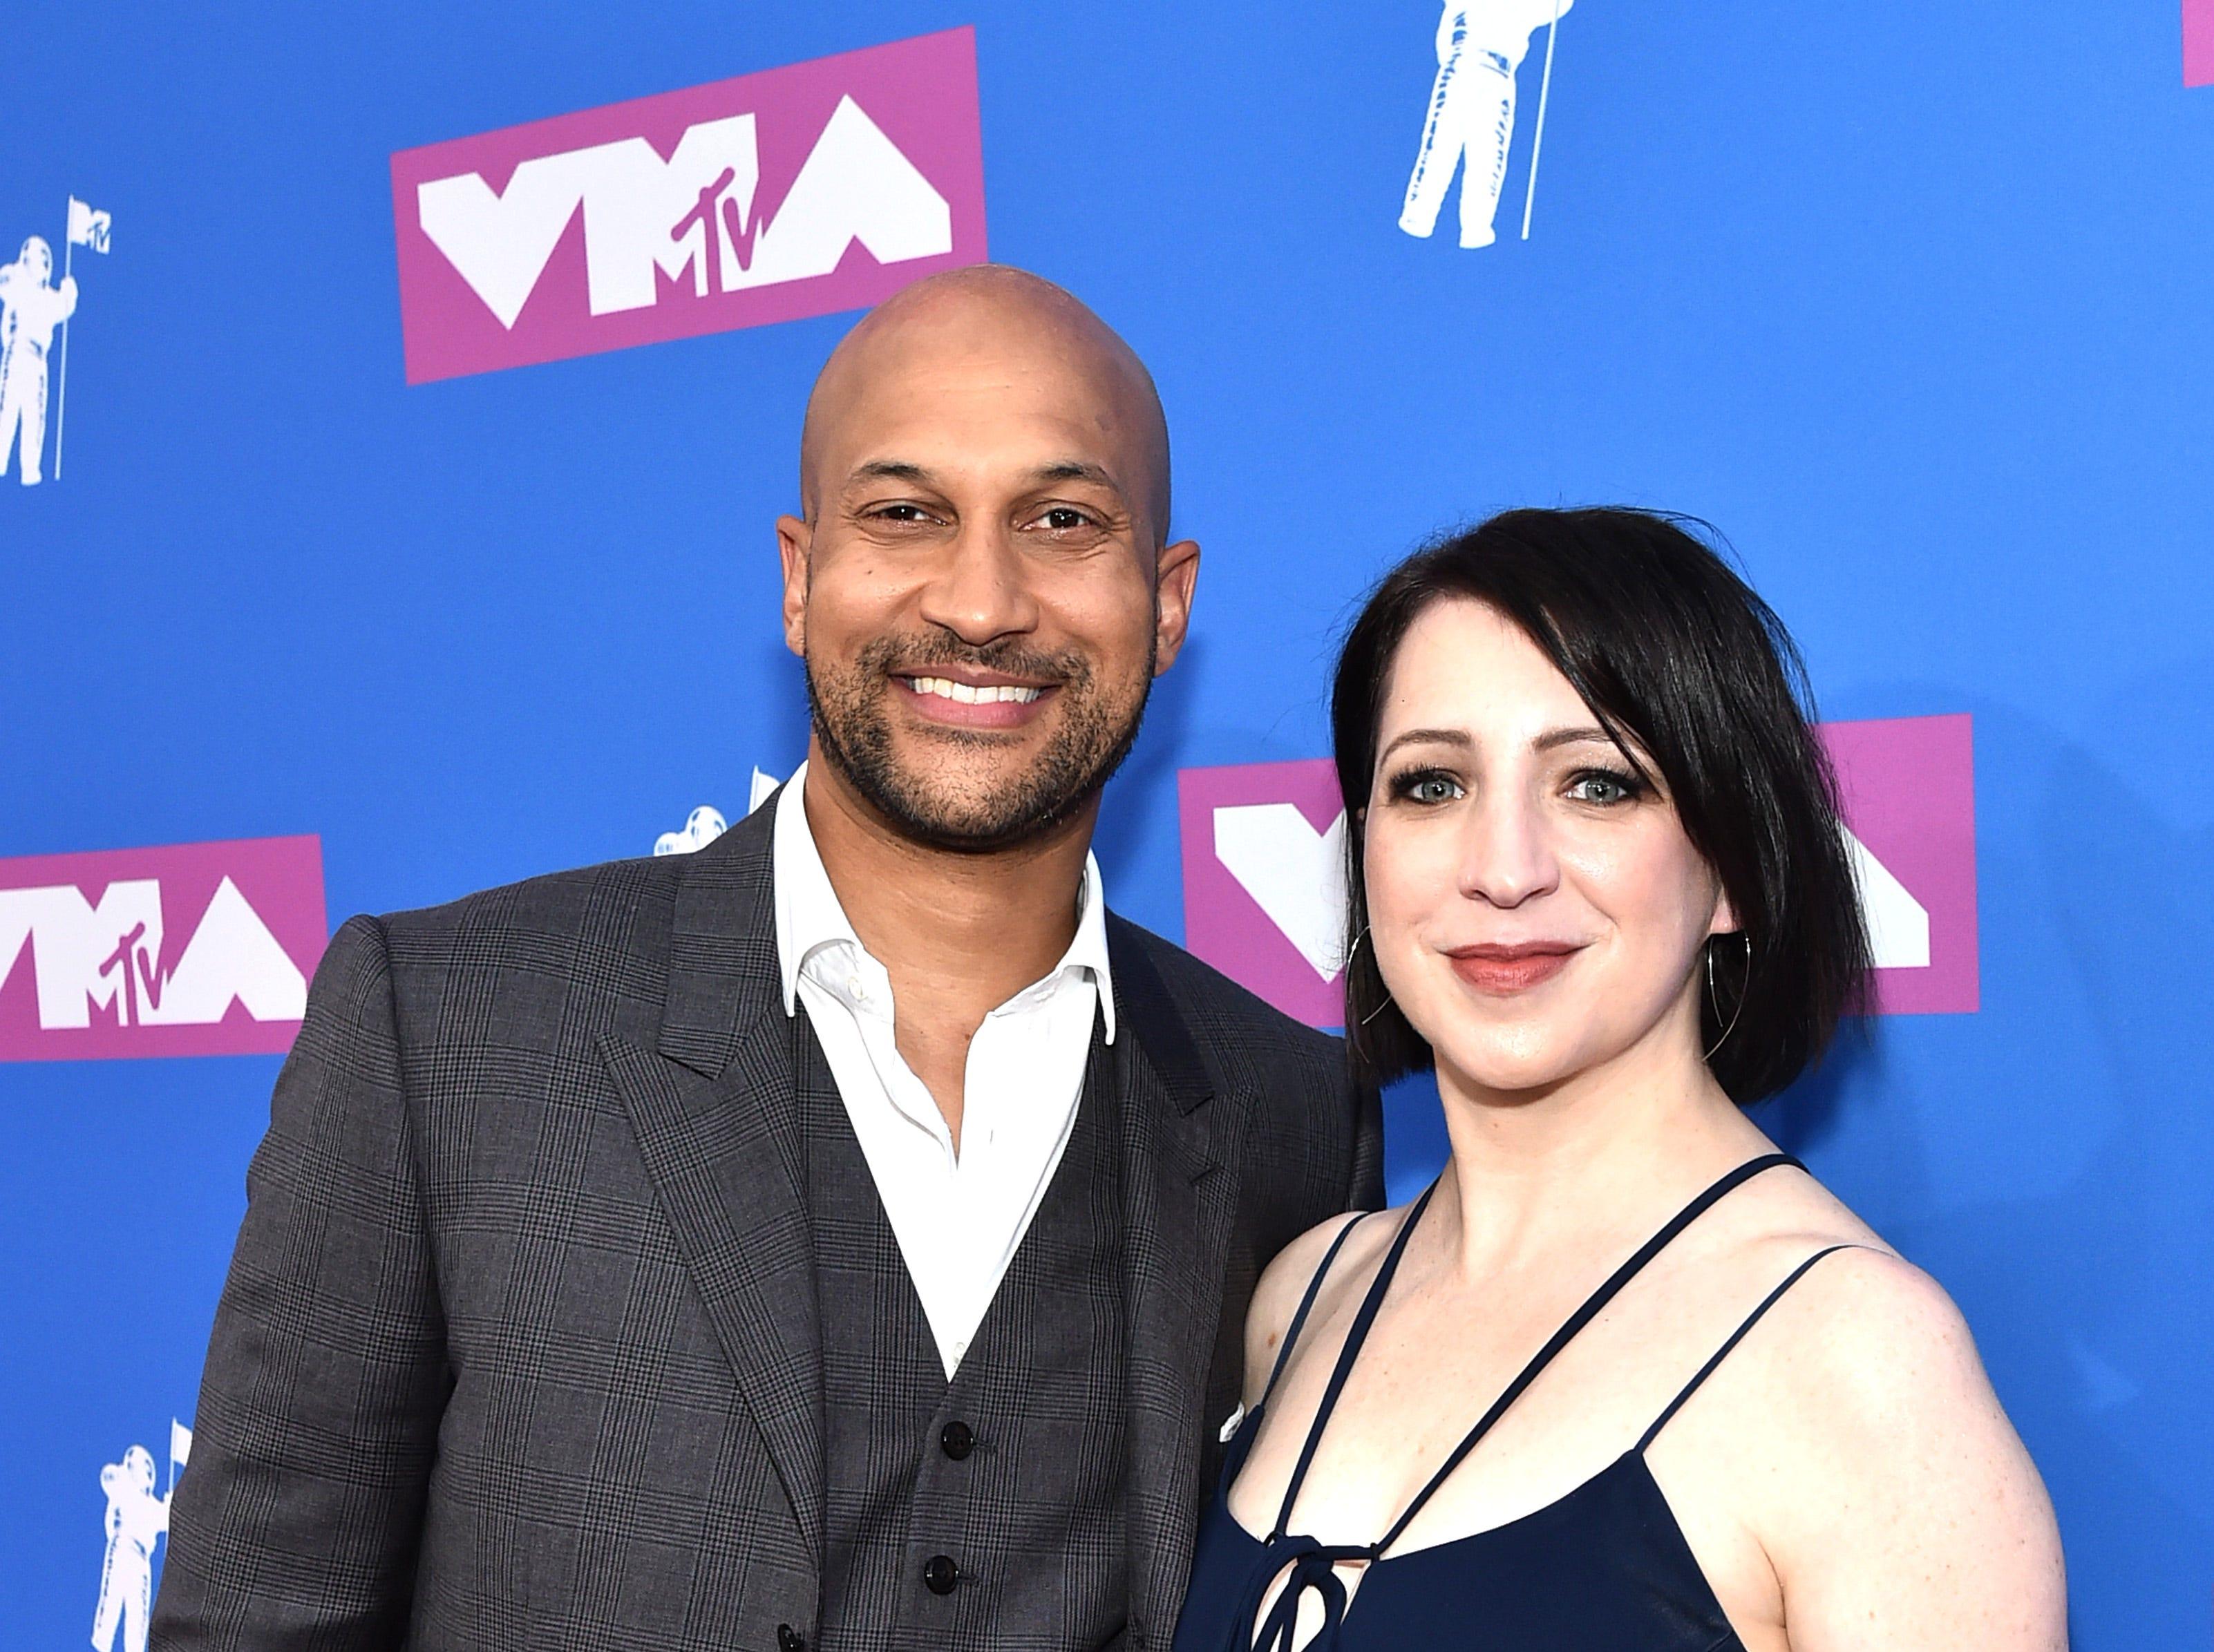 Keegan Michael Key y Laura Perlongo asisten a los MTV Video Music Awards 2018 en el Radio City Music Hall el 20 de agosto de 2018 en la ciudad de Nueva York.